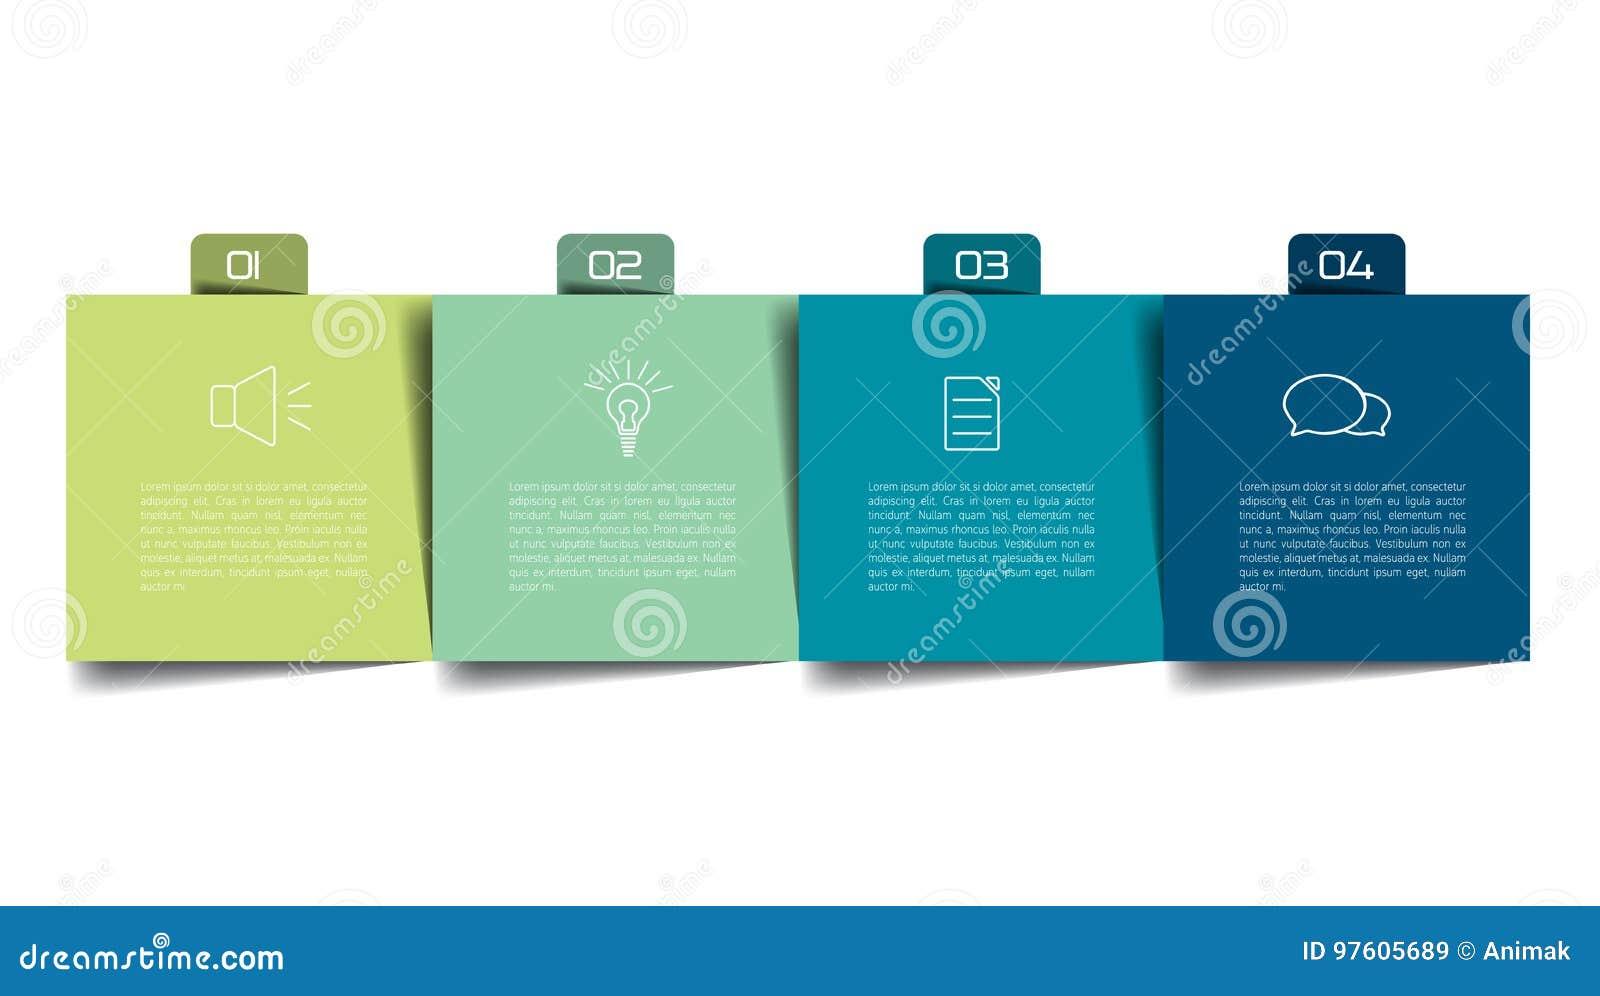 Stół, rozkład, organizator, planista, notepad, rozkład zajęć